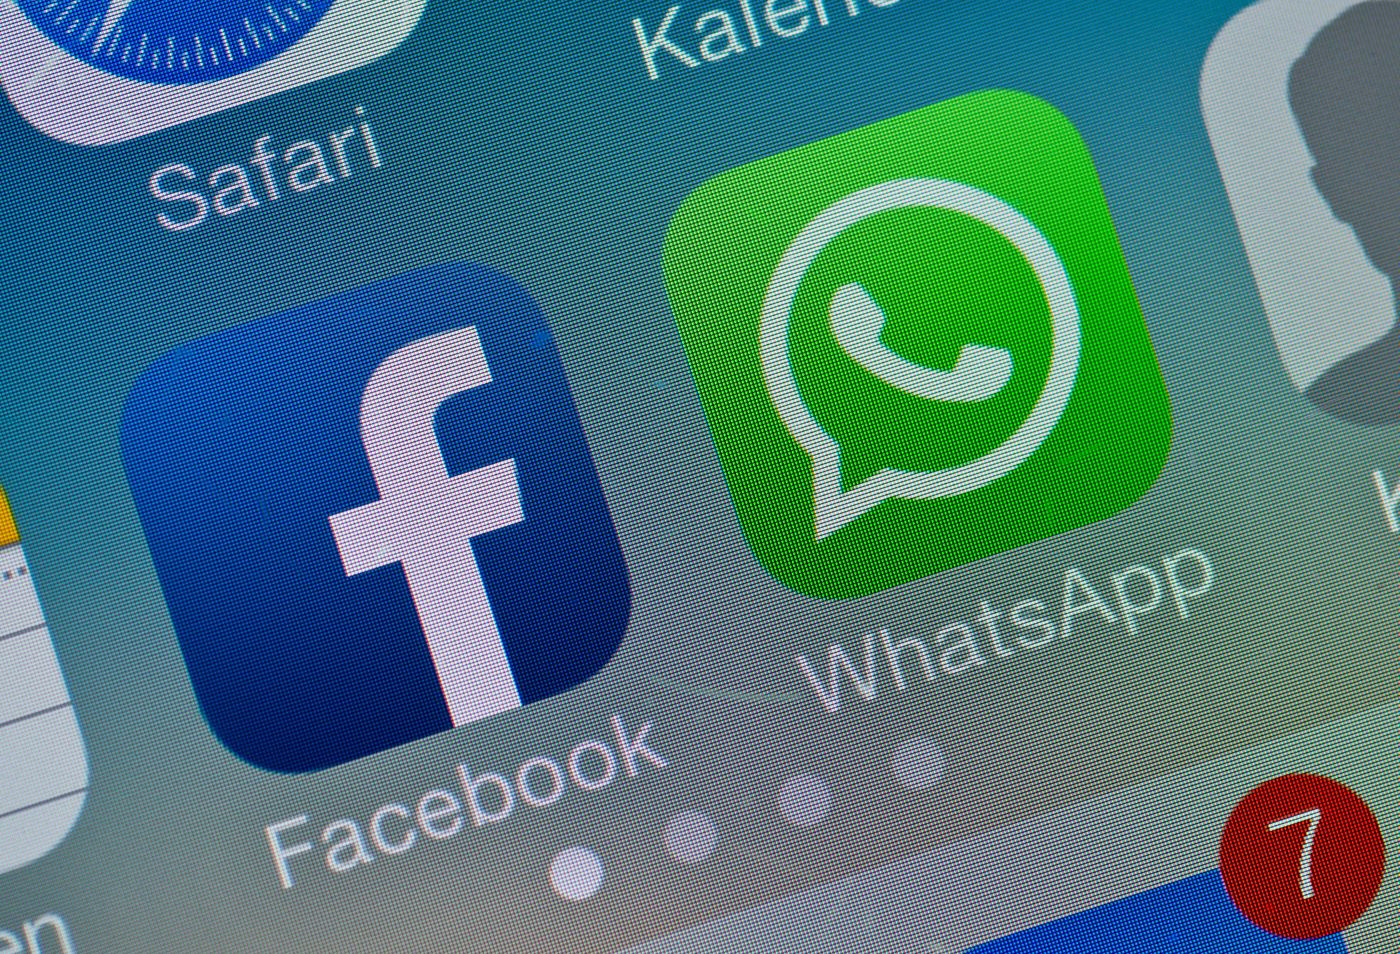 Facebook Whatsapp Daten